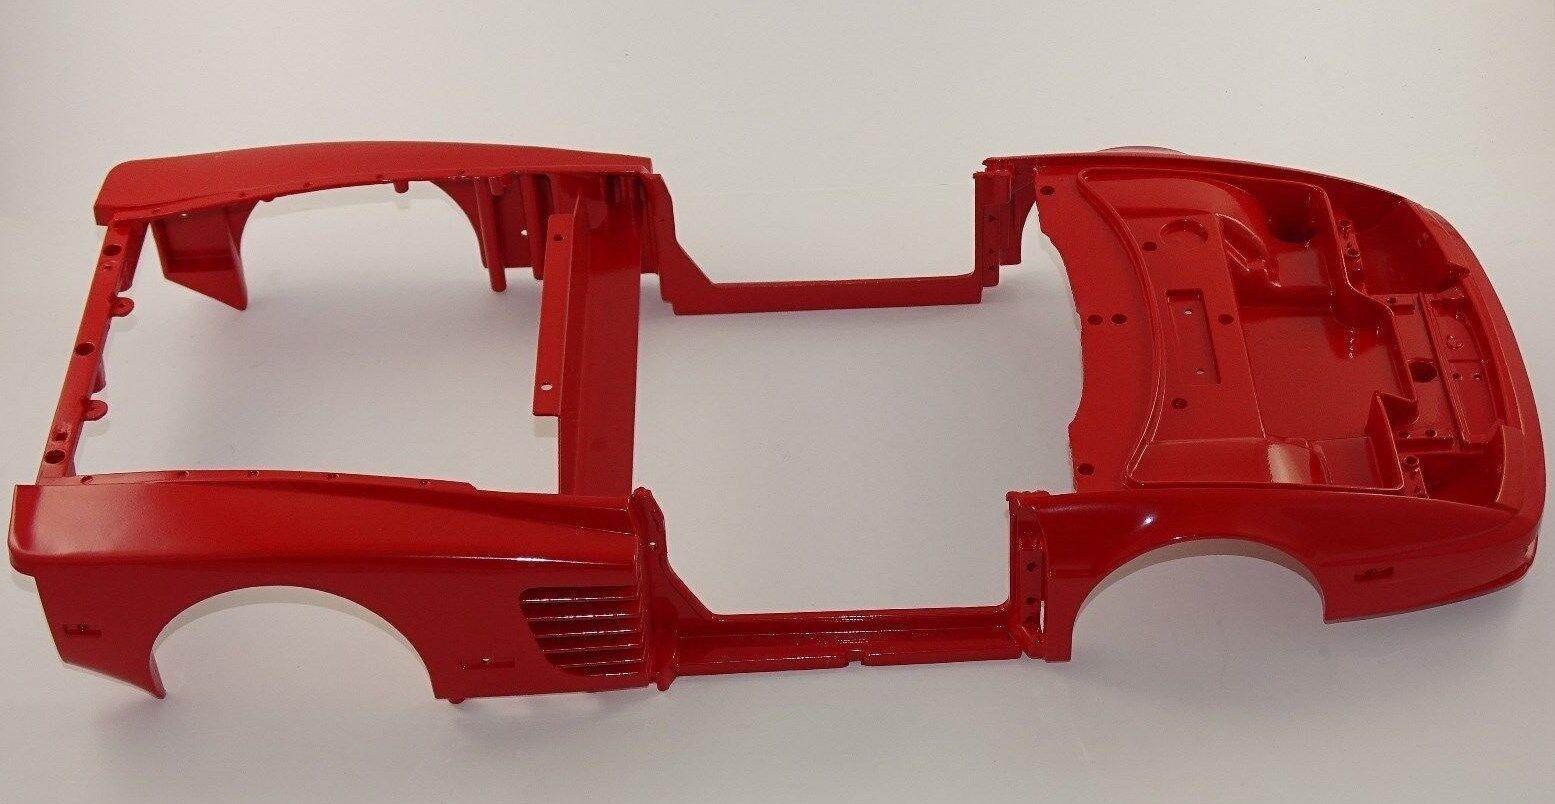 POCHER 1:8 Ferrari Testarossa Cabrio rosso k52 Metallo Carrozzeria 52-10 g8